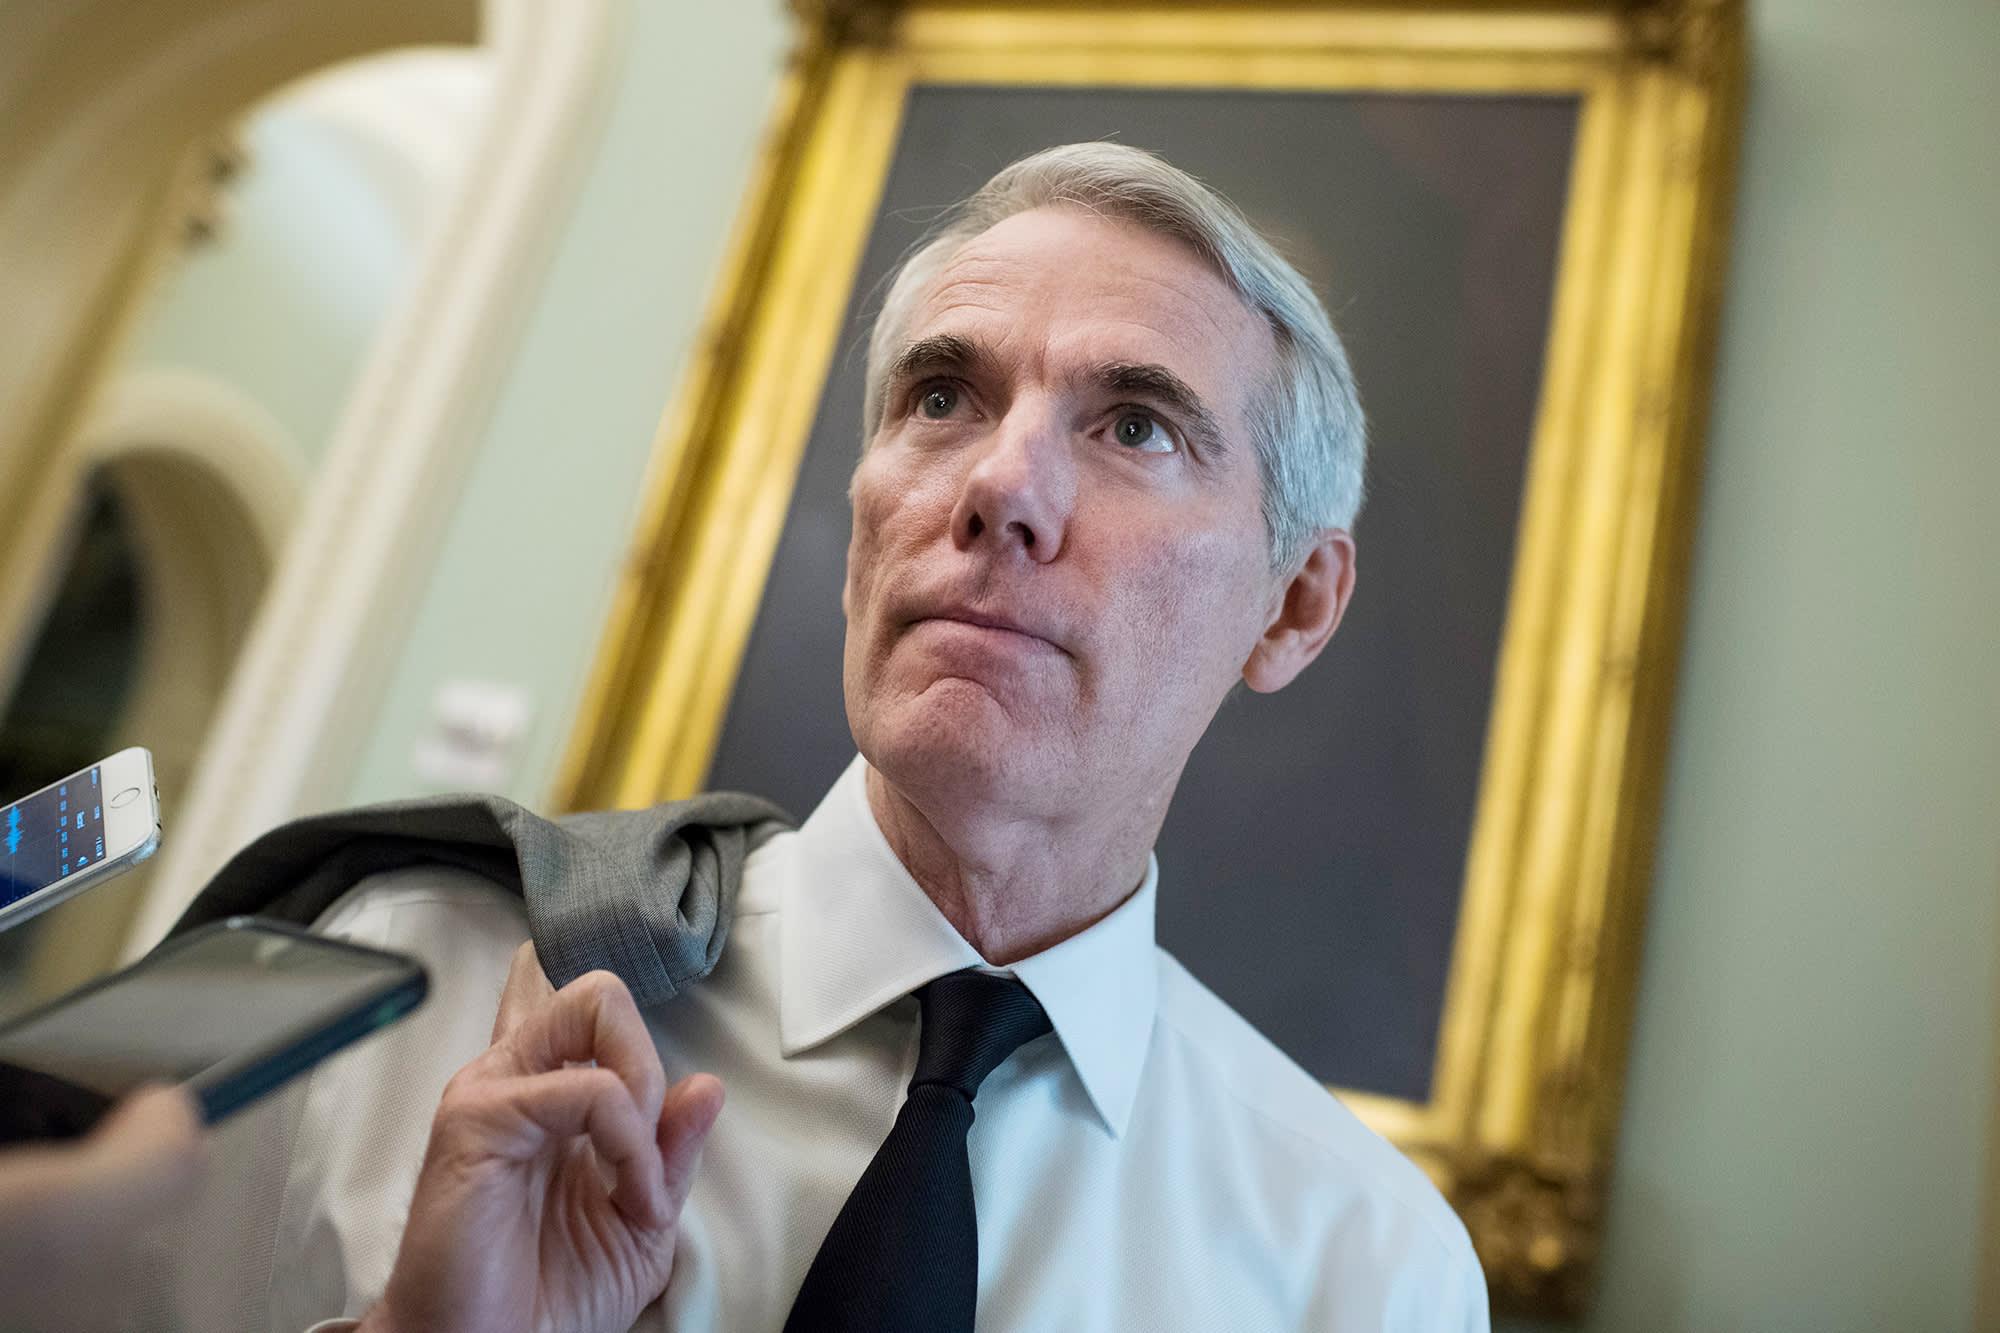 El proyecto de ley de infraestructura 'aún se está negociando', los republicanos bloquean la votación clave del Senado, dice el principal senador republicano